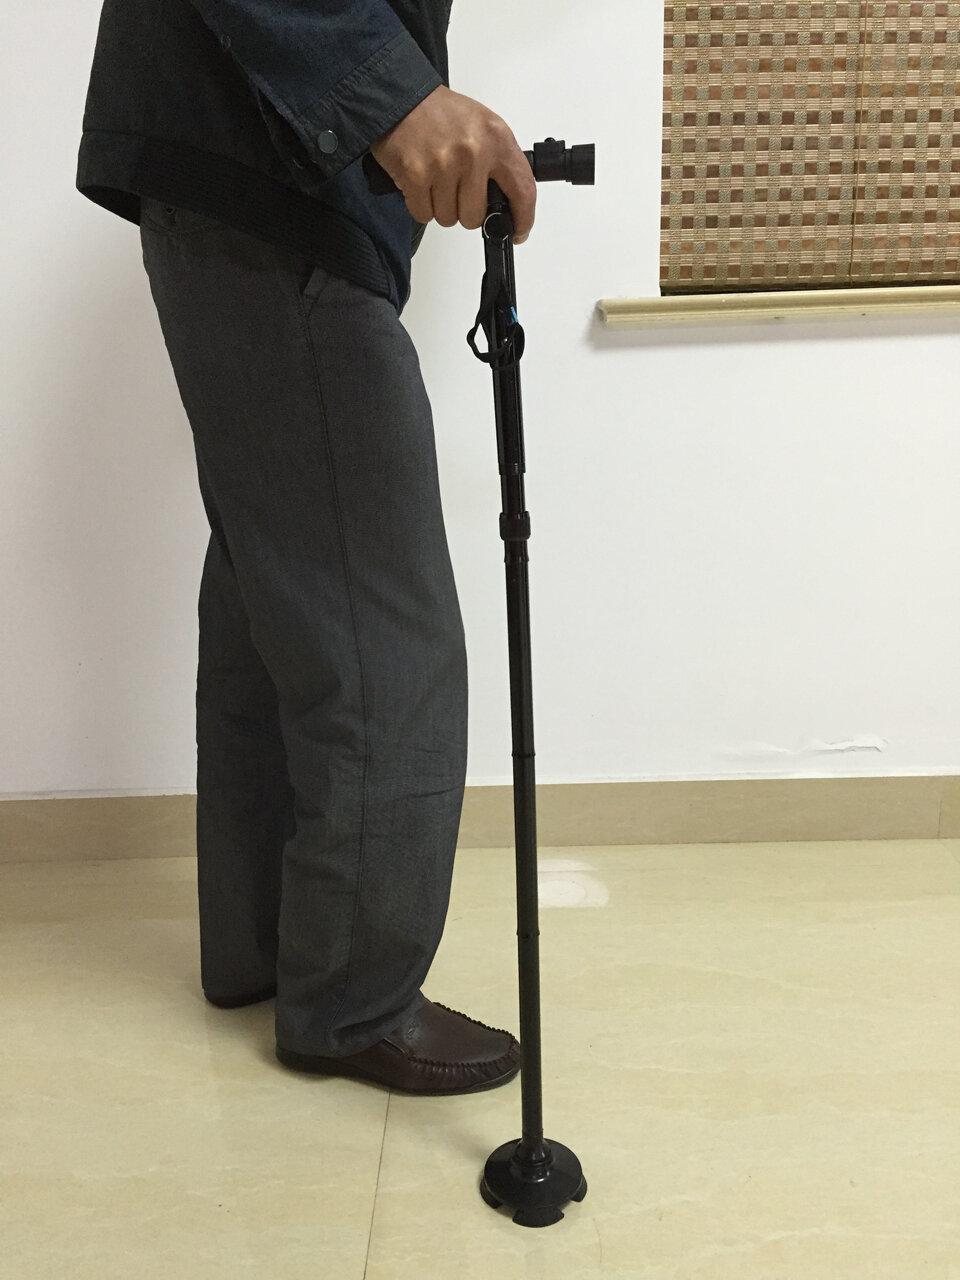 Walk Stick - трость для ходьбы в Евпатории